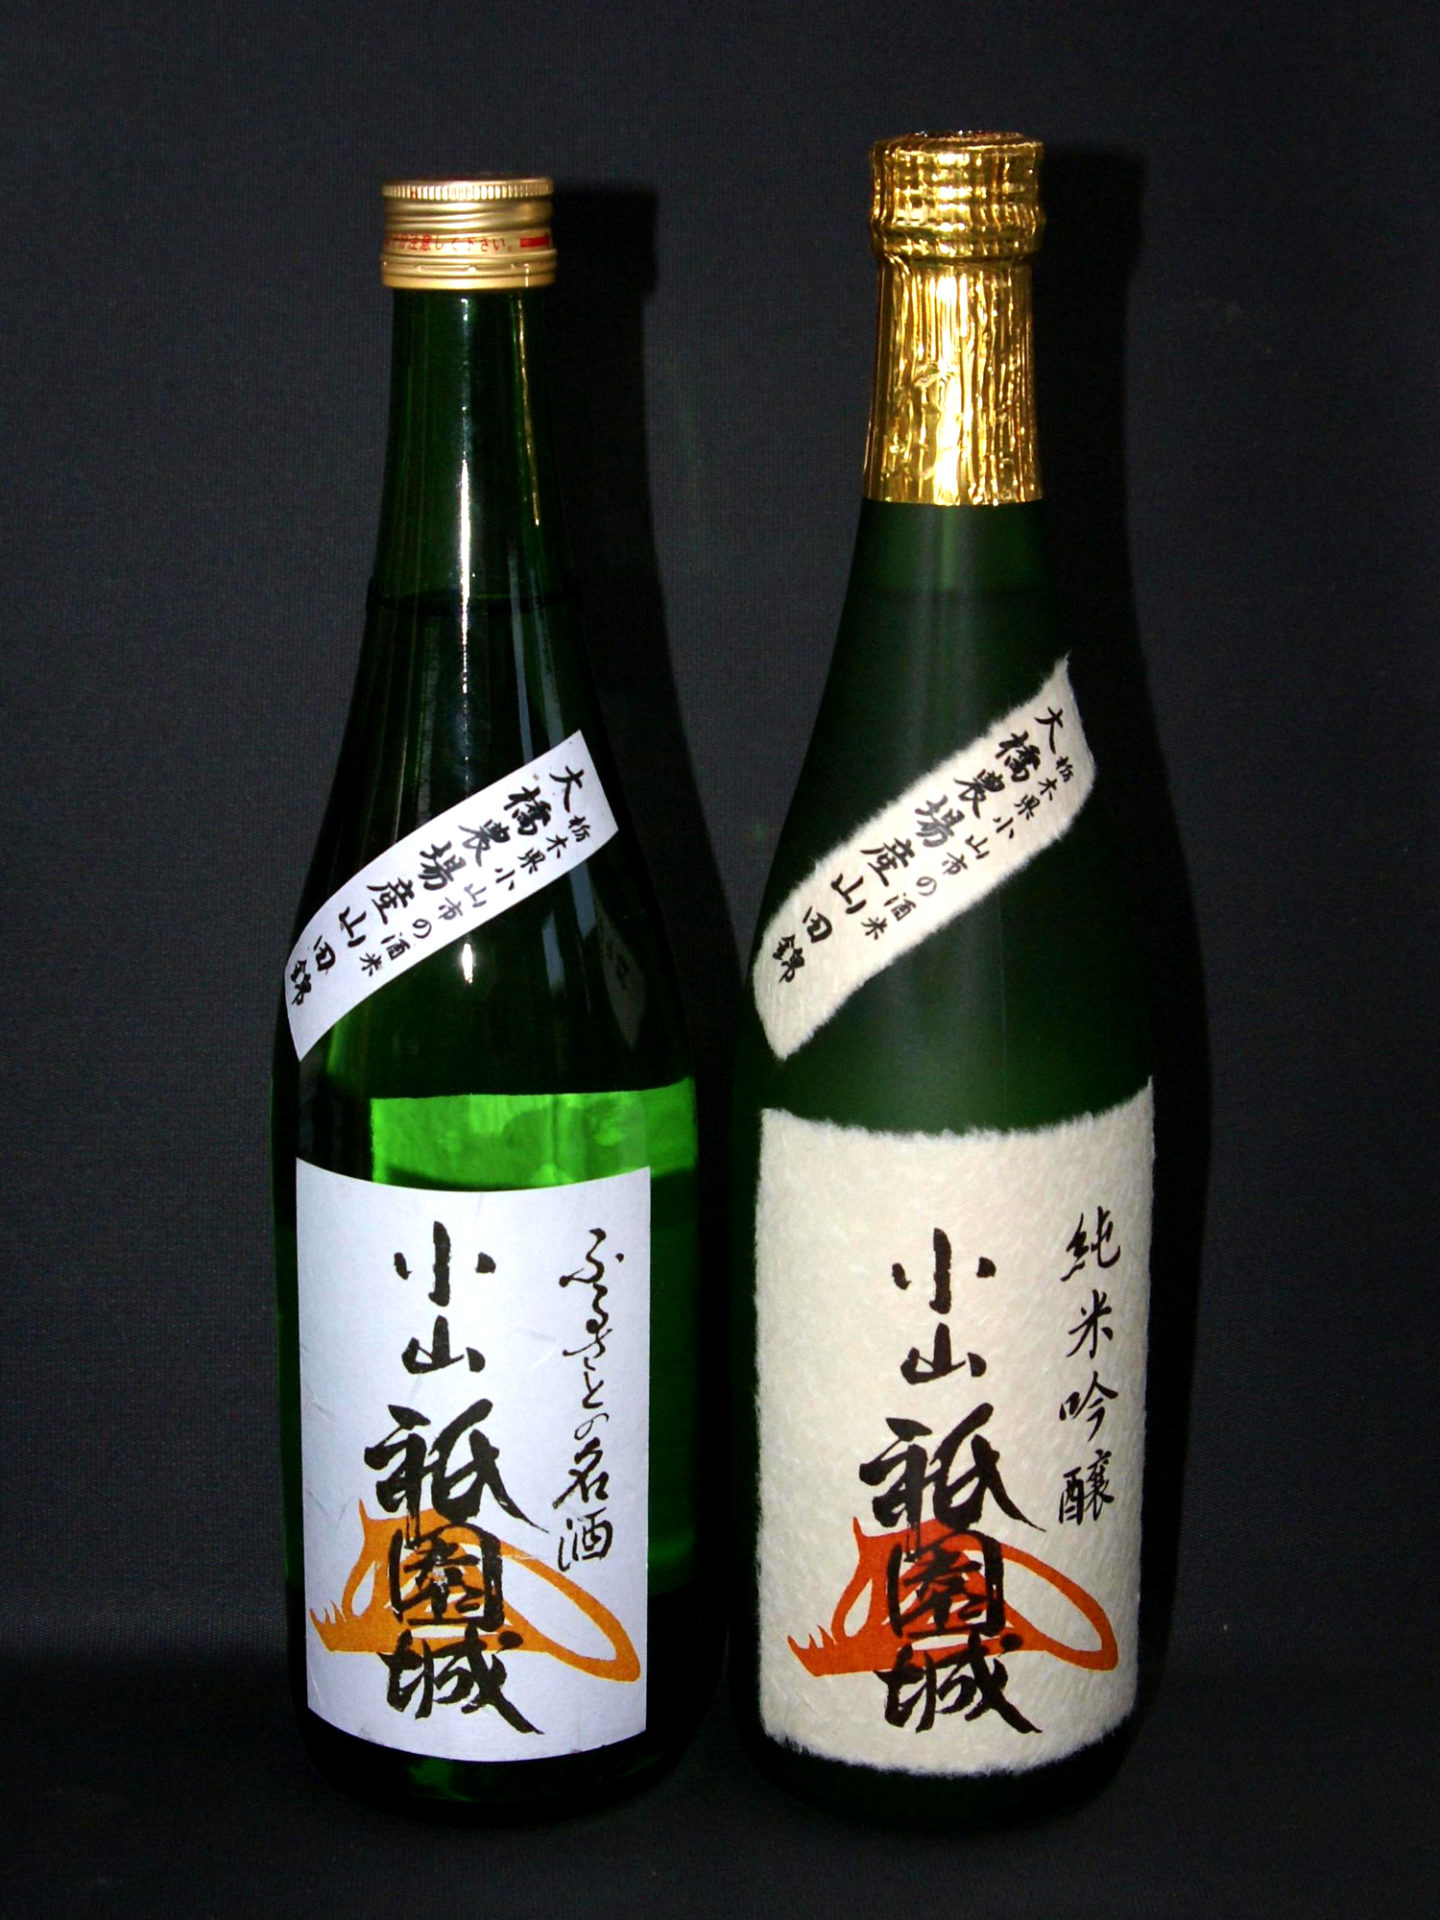 小山祇園城 純米・純米吟醸